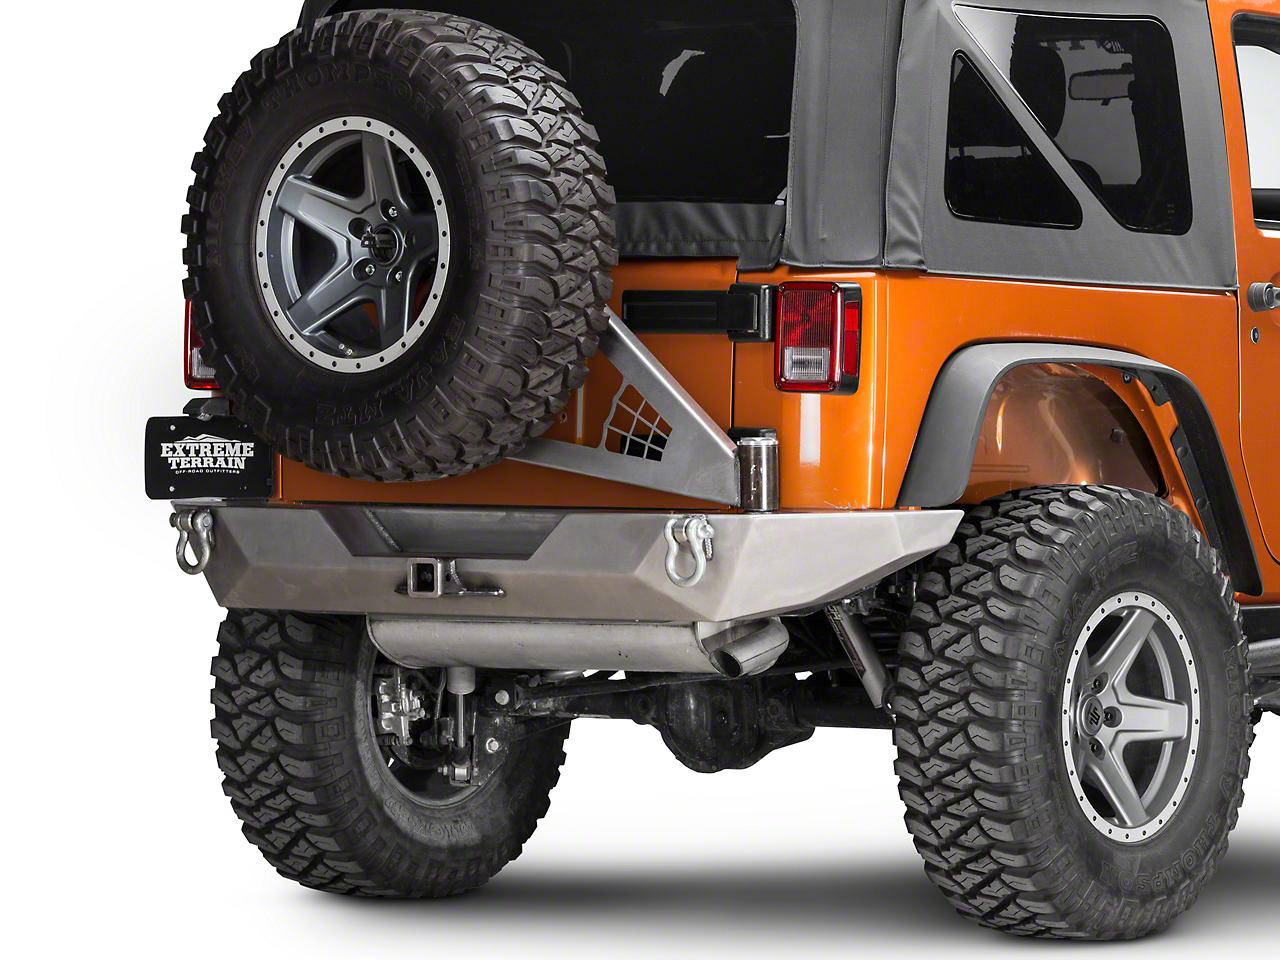 Poison Spyder Brawler Full Width Rear Bumper w/ Tire Carrier & Hitch - Bare Steel (07-18 Jeep Wrangler JK)